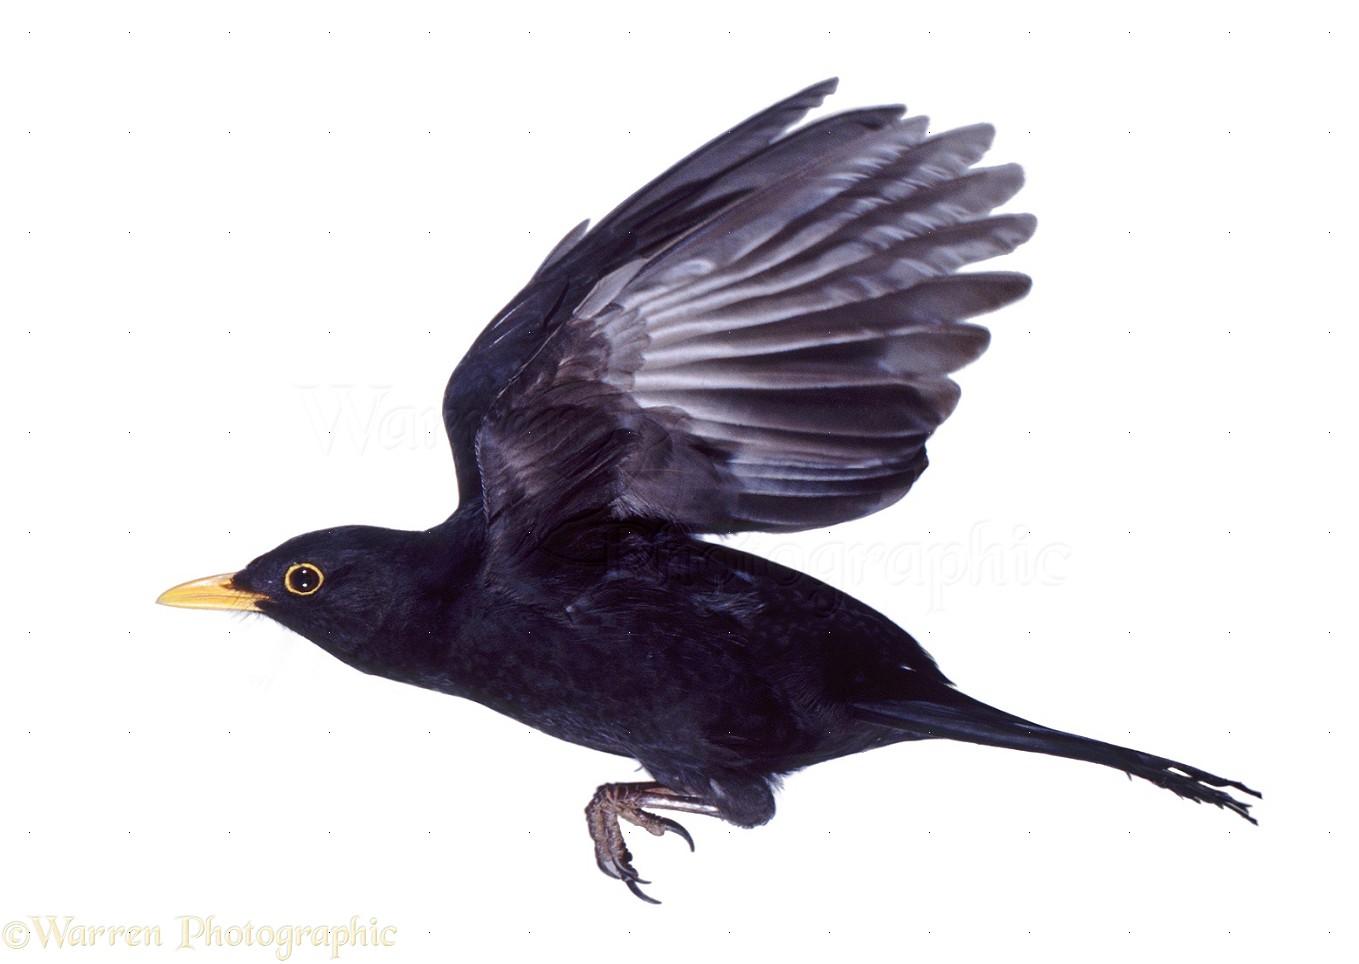 39550 Male blackbird in flight white background